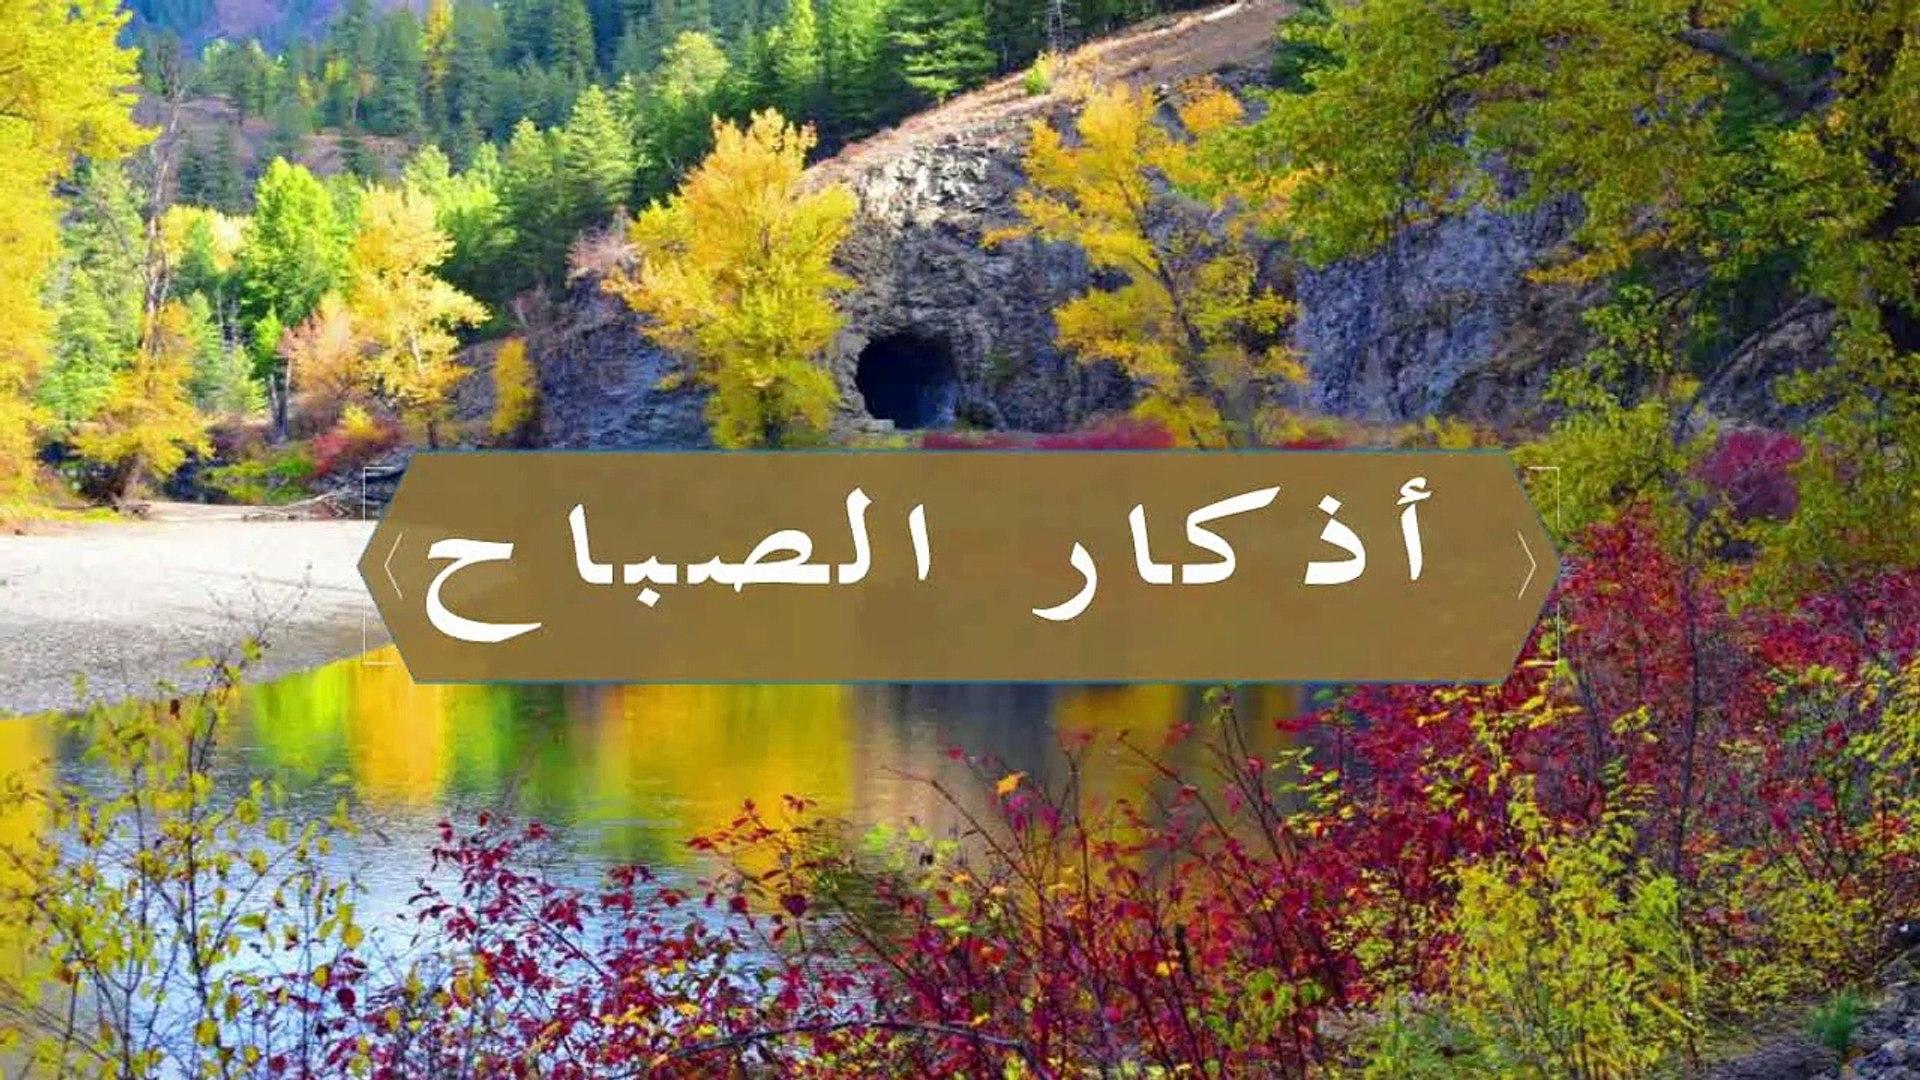 أذكار المسلم  - أذكار الصباح - المساء - ماقبل النوم - سورة الملك والشرح والواقعه والرحمن يس